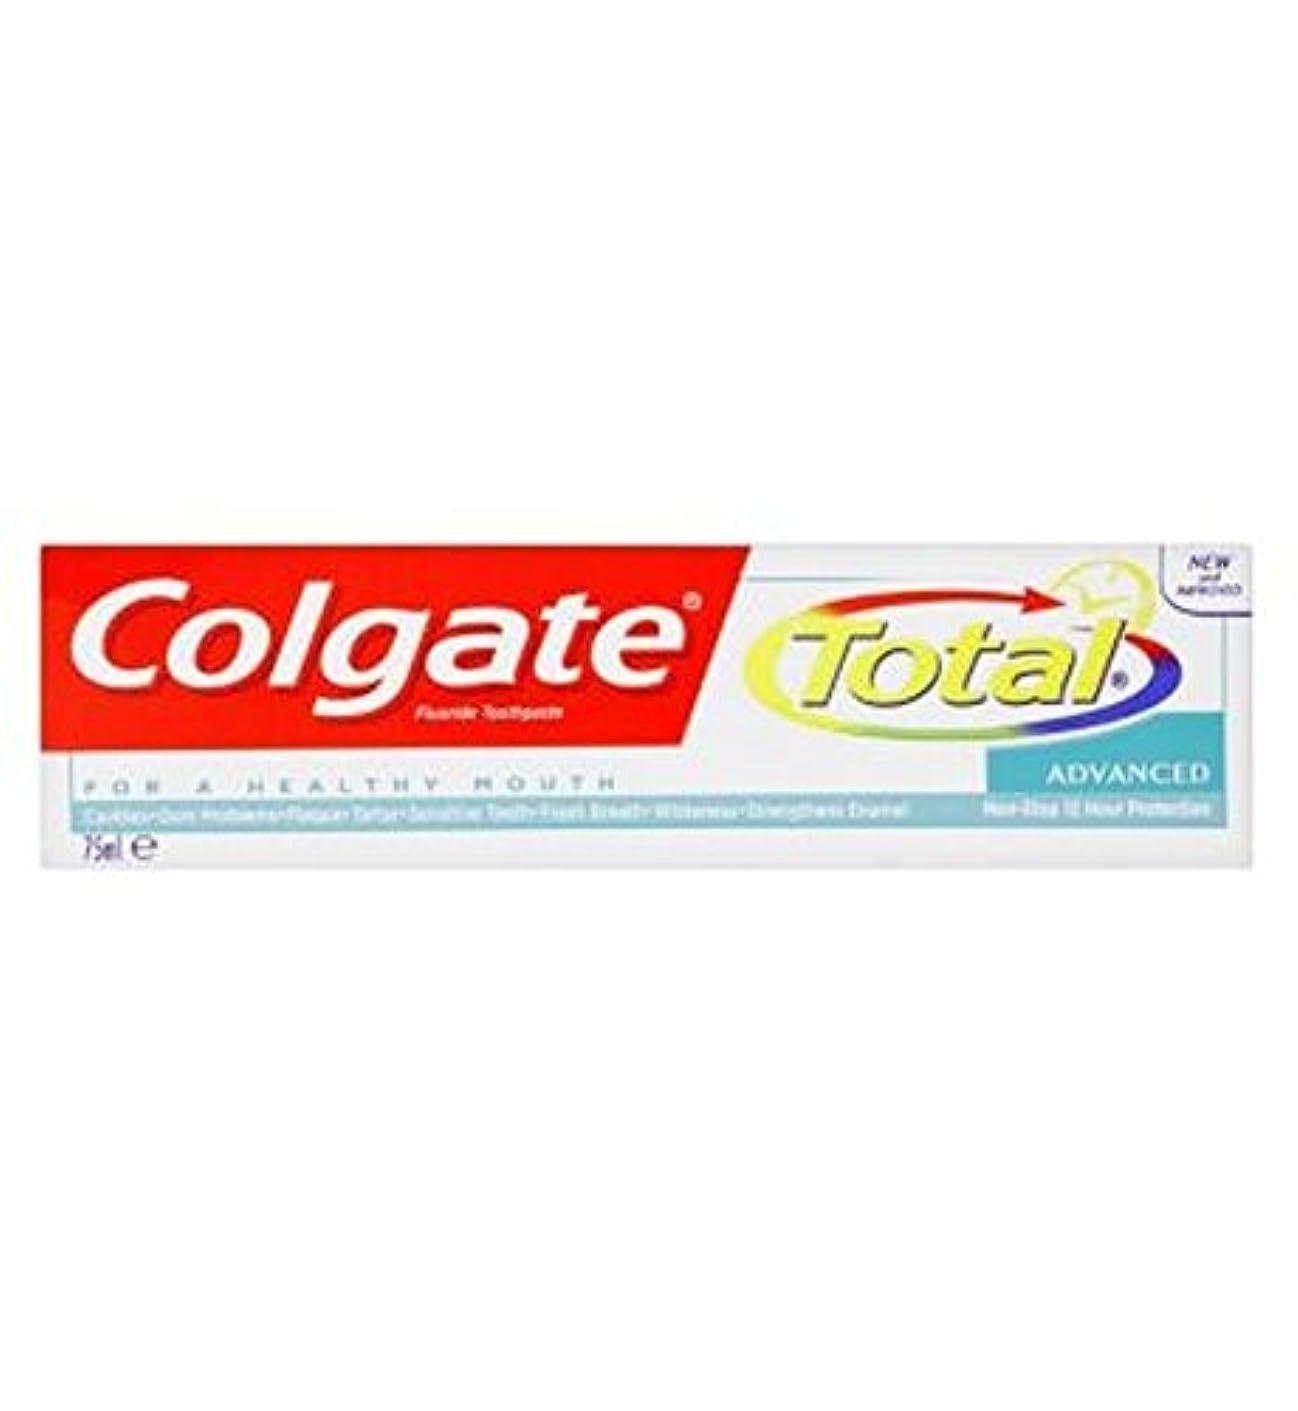 農場レンド毎回Colgate Total Advanced toothpaste 75ml - コルゲートトータル高度な歯磨き粉75ミリリットル (Colgate) [並行輸入品]